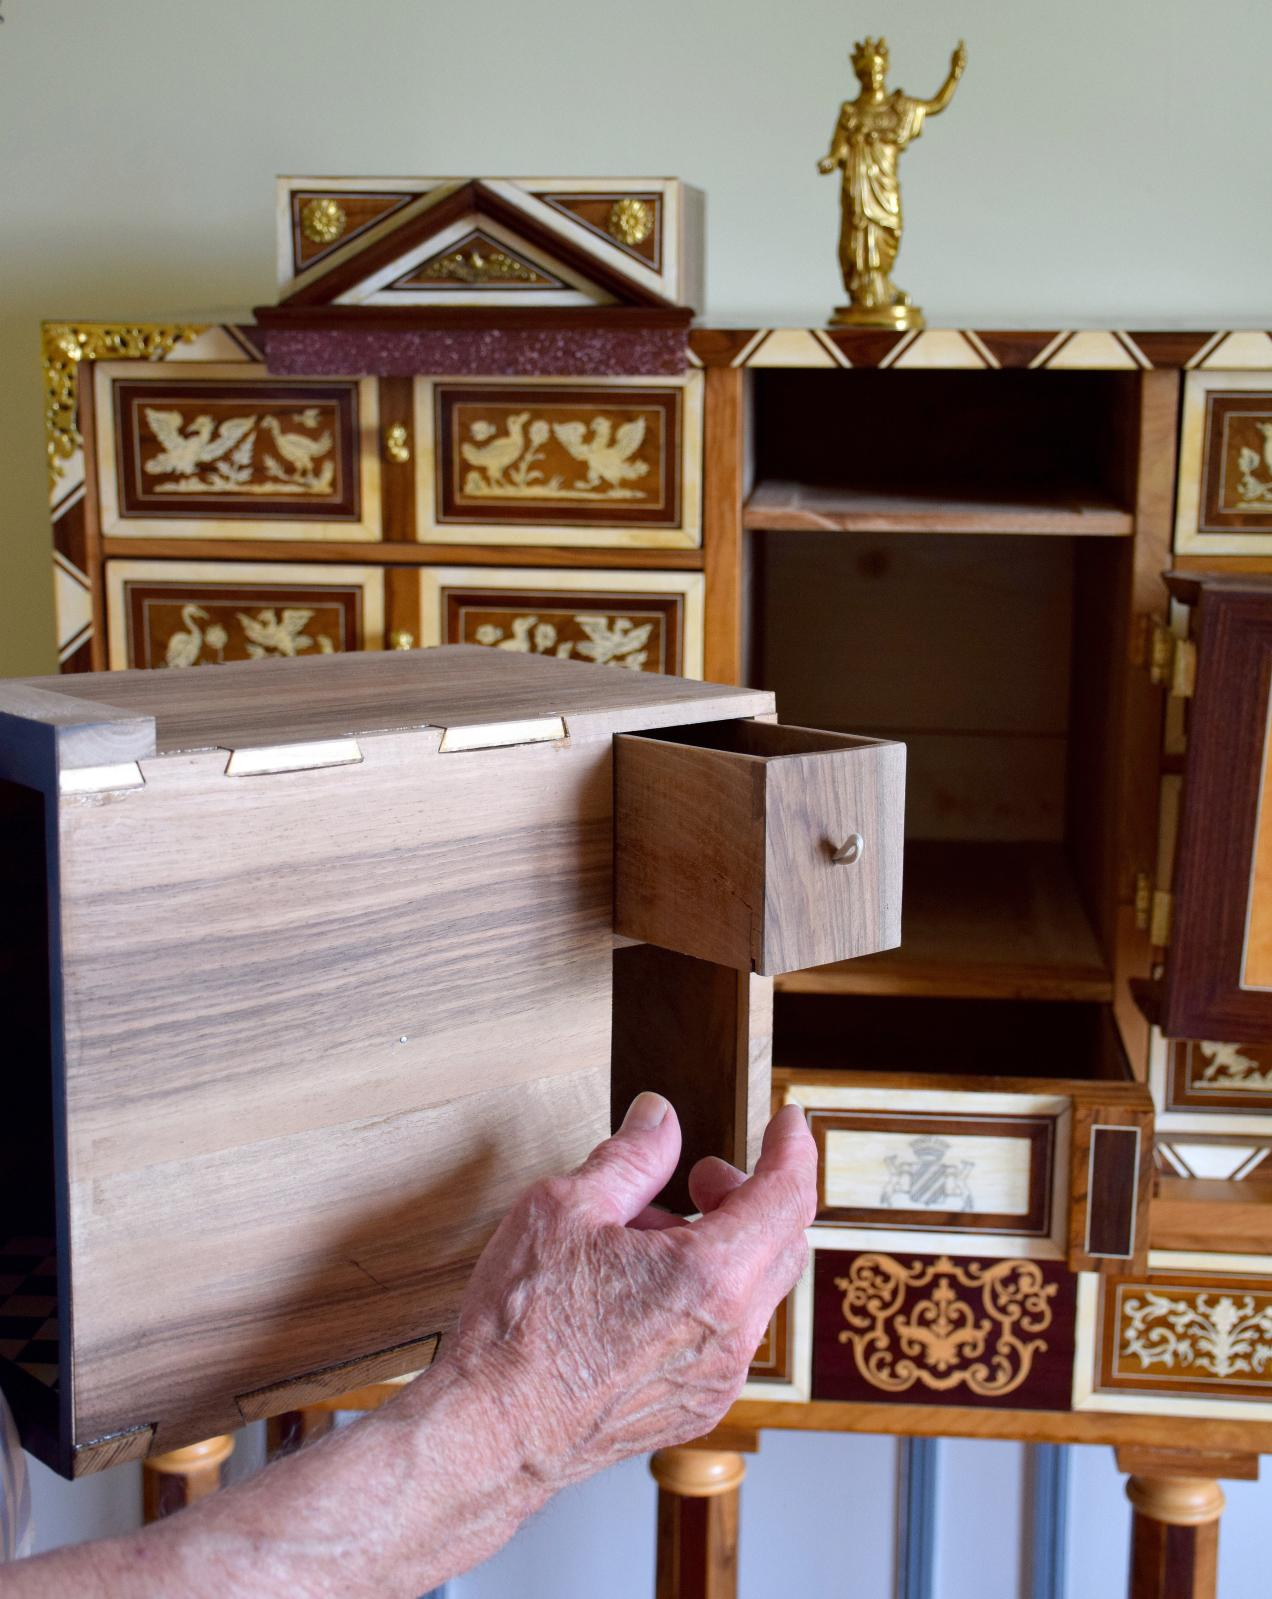 Huit mois de travail ont été nécessaires pour ce studiolo baroque  réalisé par l'ébéniste, en bois de violette et olivier, avec tiroirs à